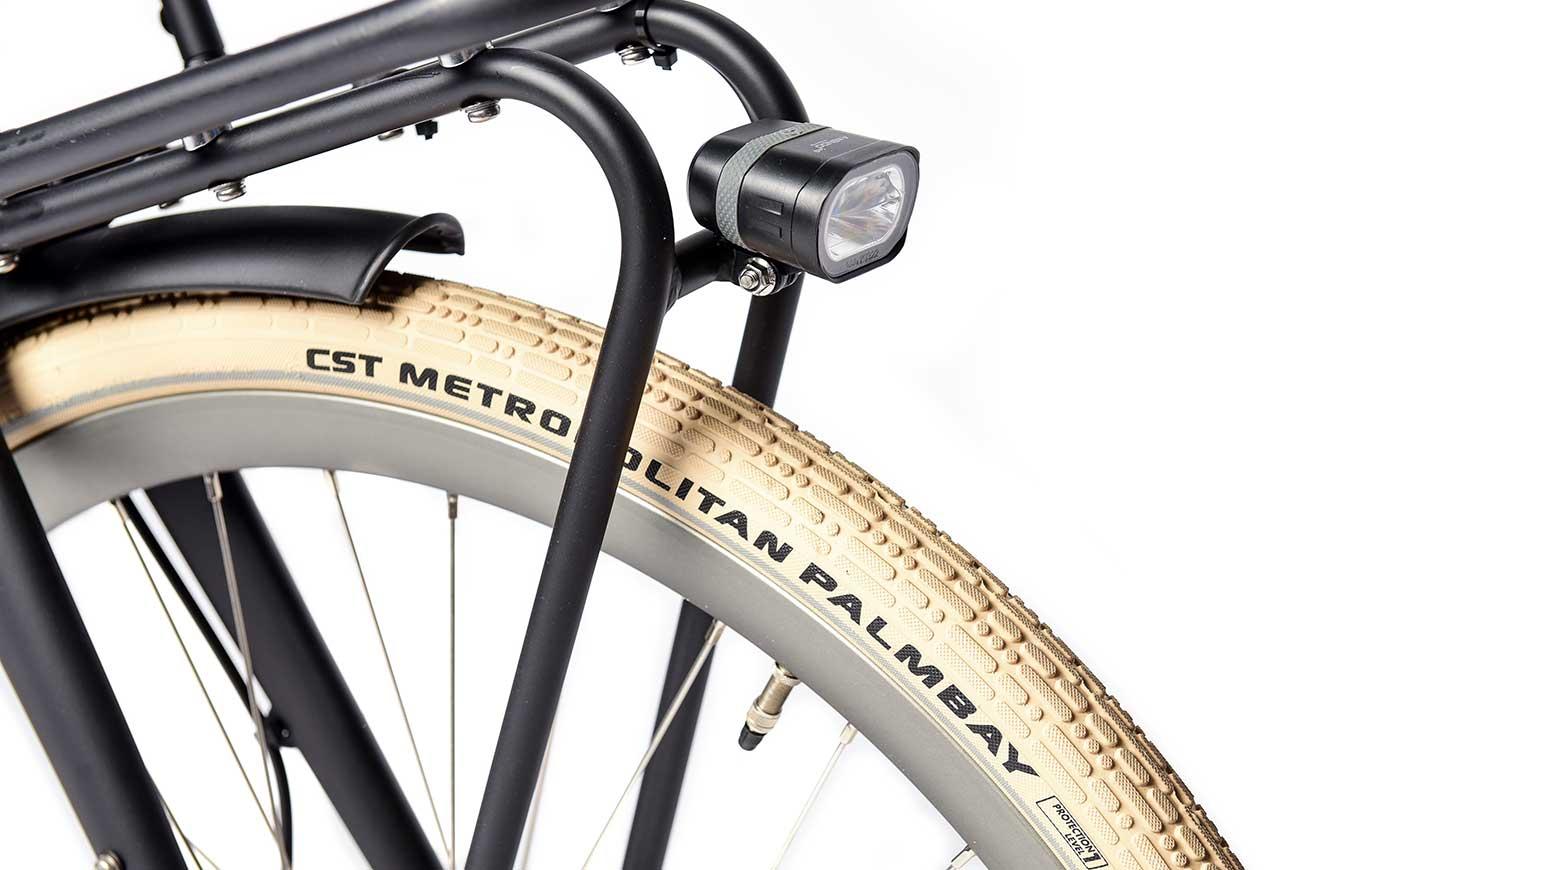 Stylische Reifen, Metallradschützer, Frontscheinwerfer mit guter Lichtleistung.